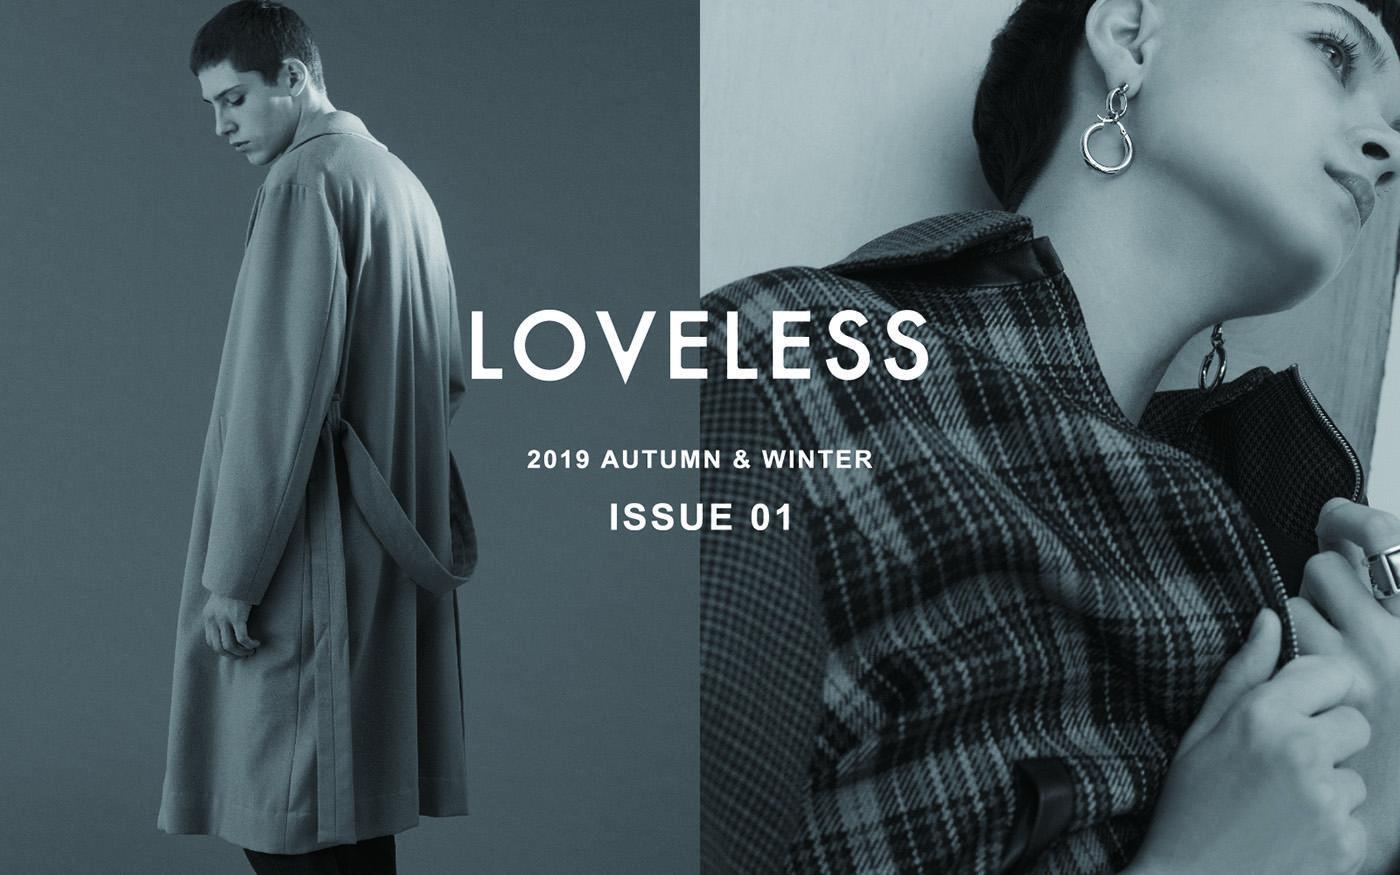 LOVELESS 2019 AUTUMN & WINTER ISSUE 01